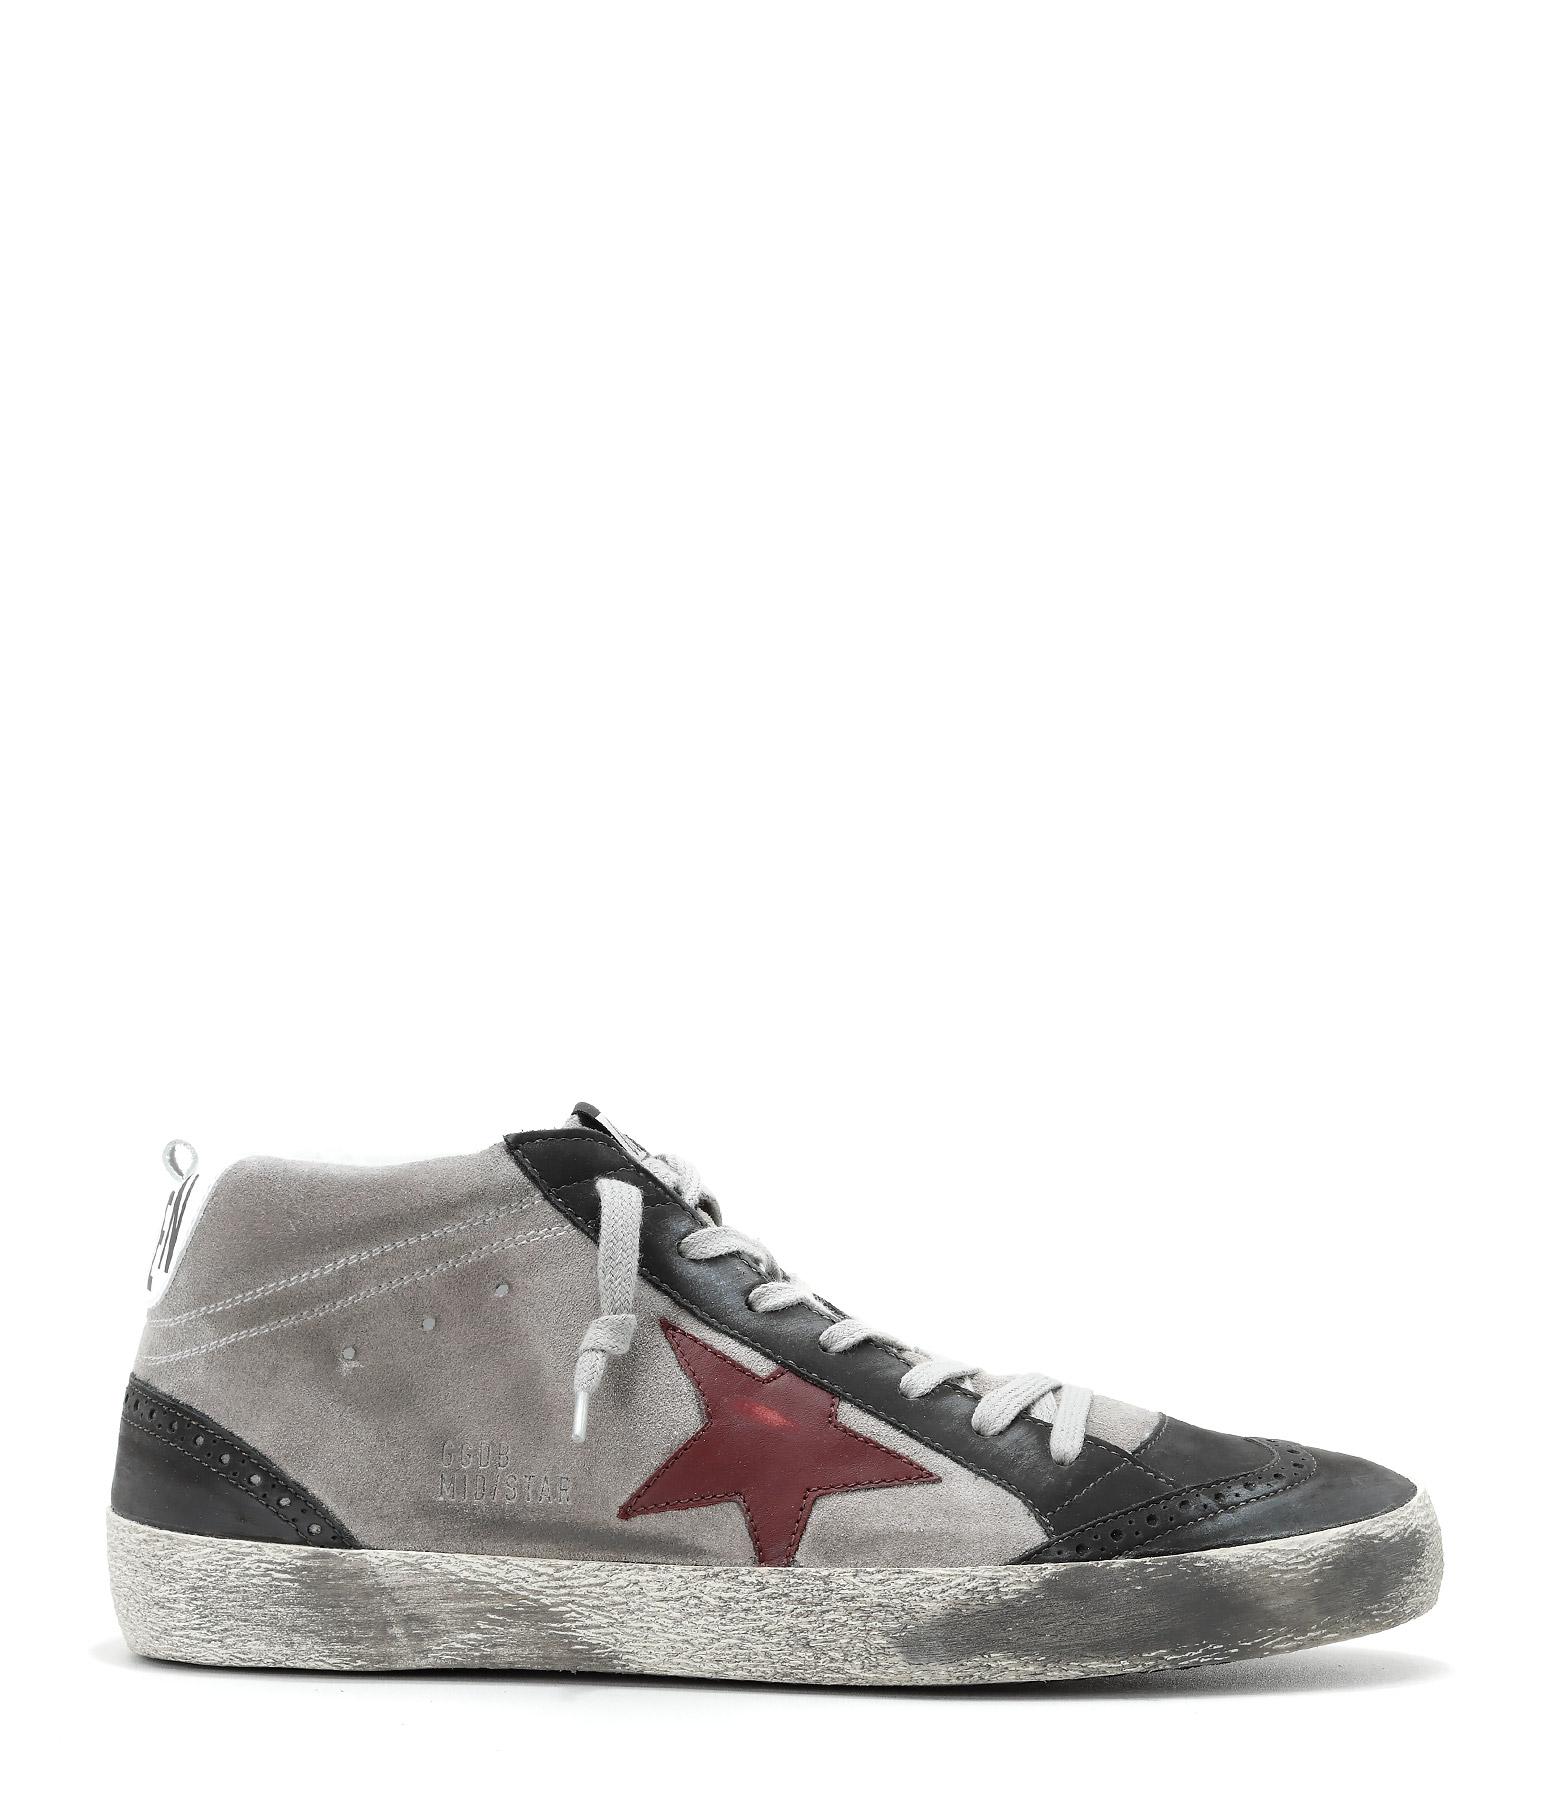 Sneakers Homme Mid Star Grey Suede Burgundy Star